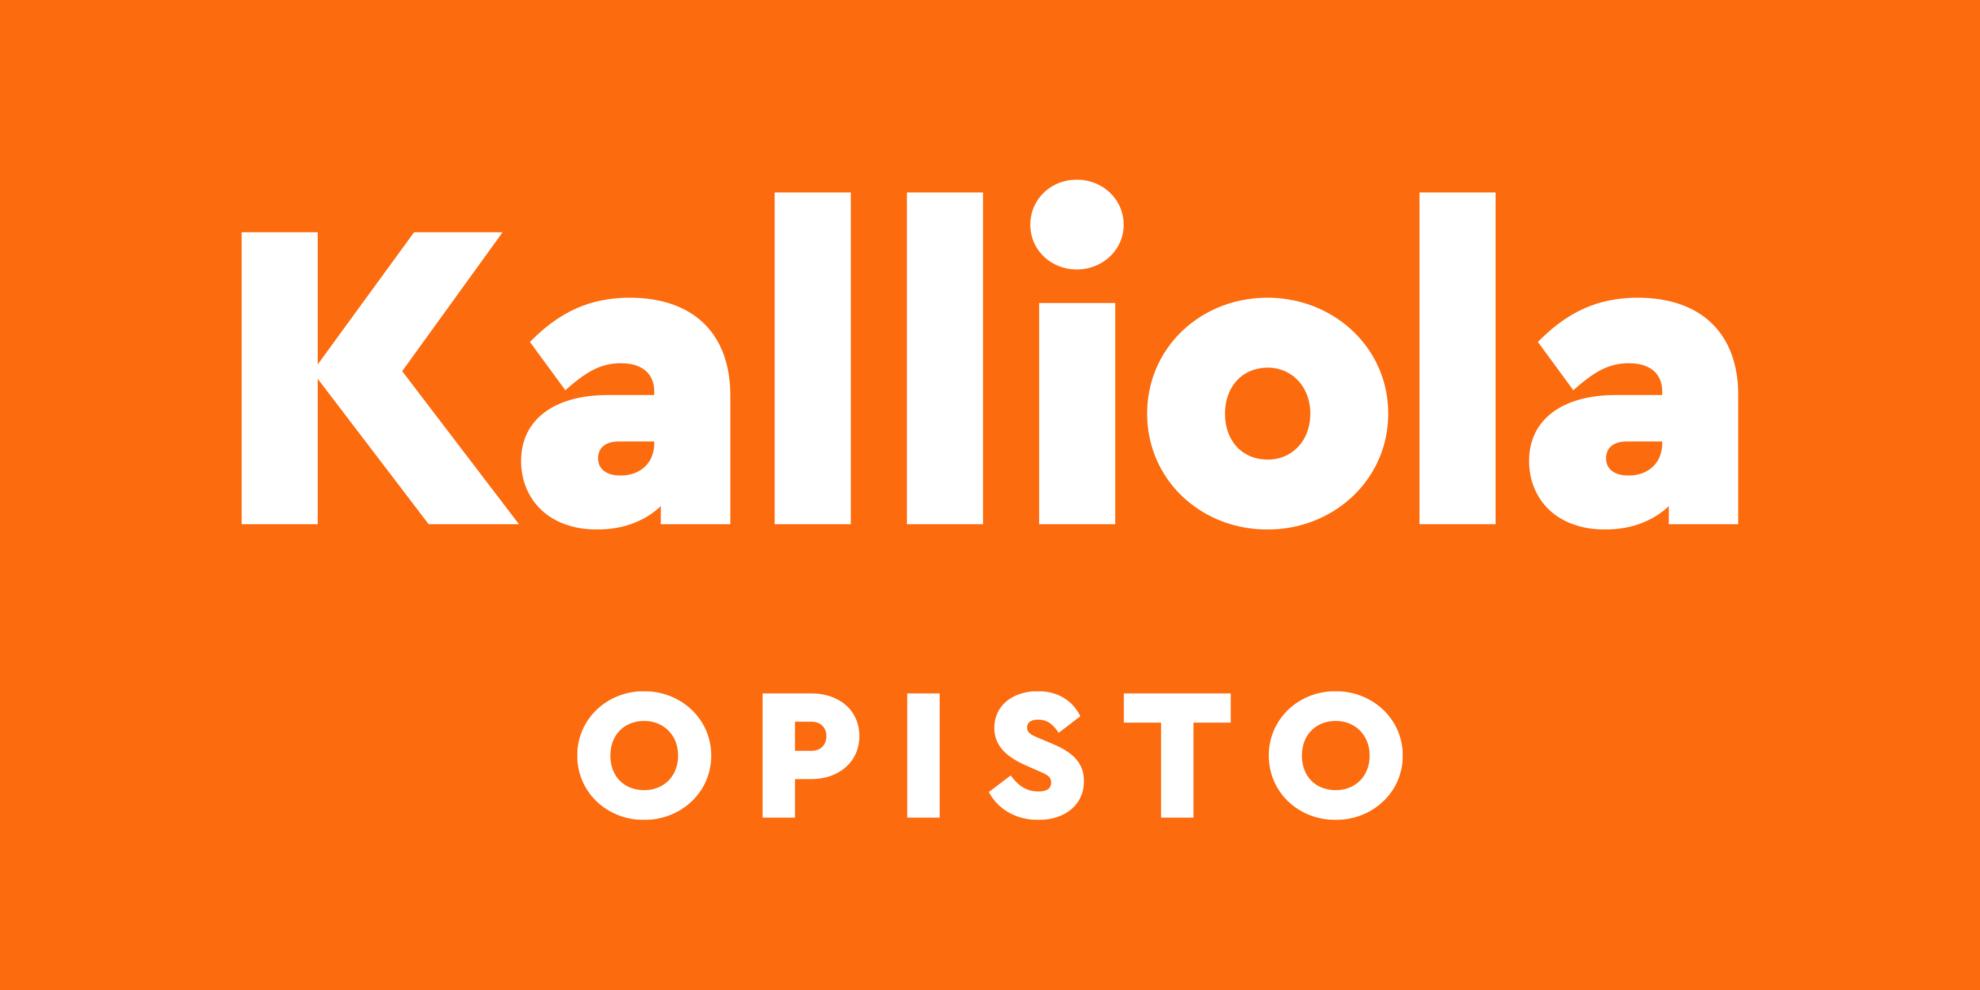 Kalliola opisto logo